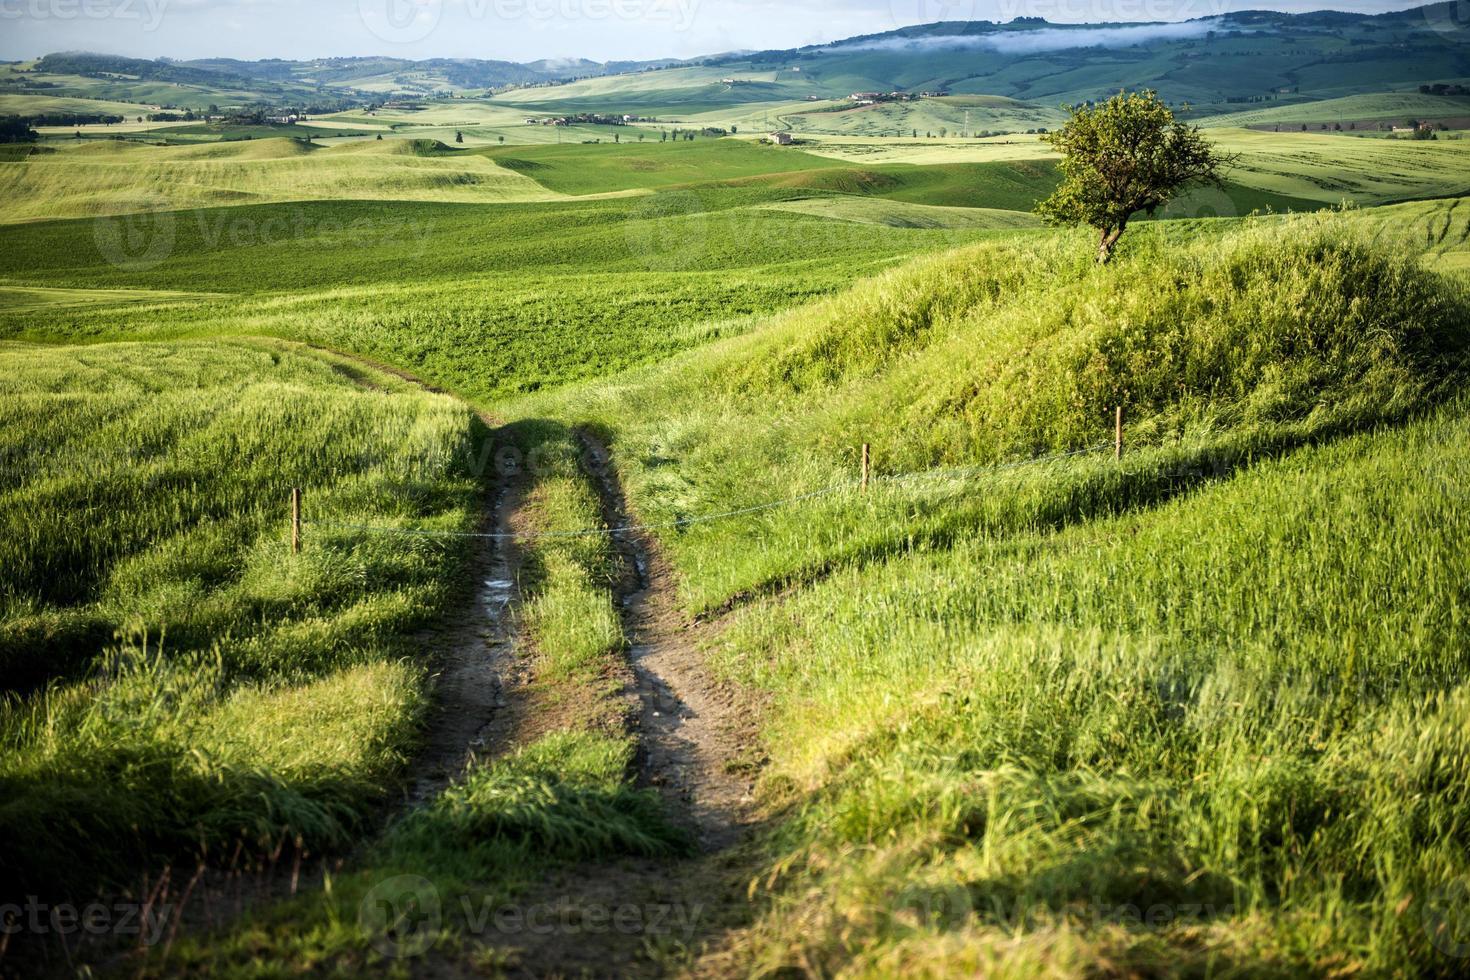 morgon på landsbygden i Toscana foto